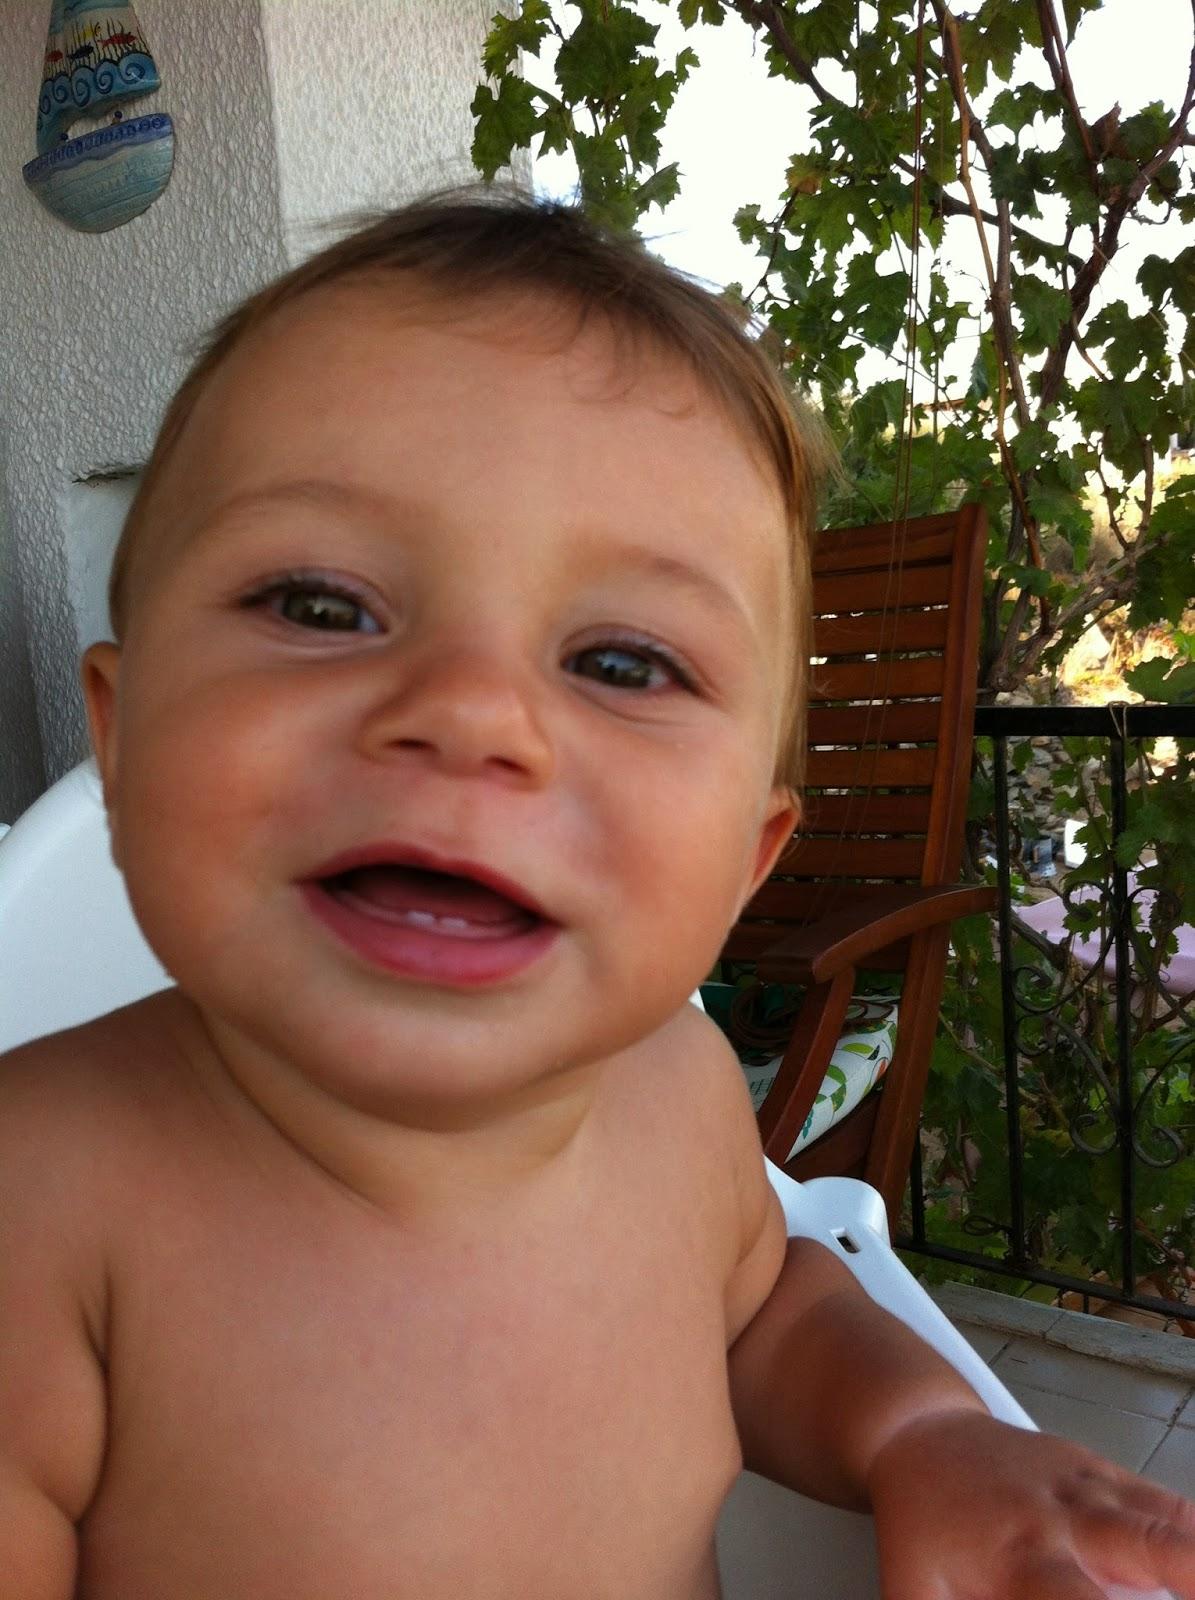 Bebeklerde diş çıkarma dönemi nasıl atlatılır Diş çıkarma belirtileri